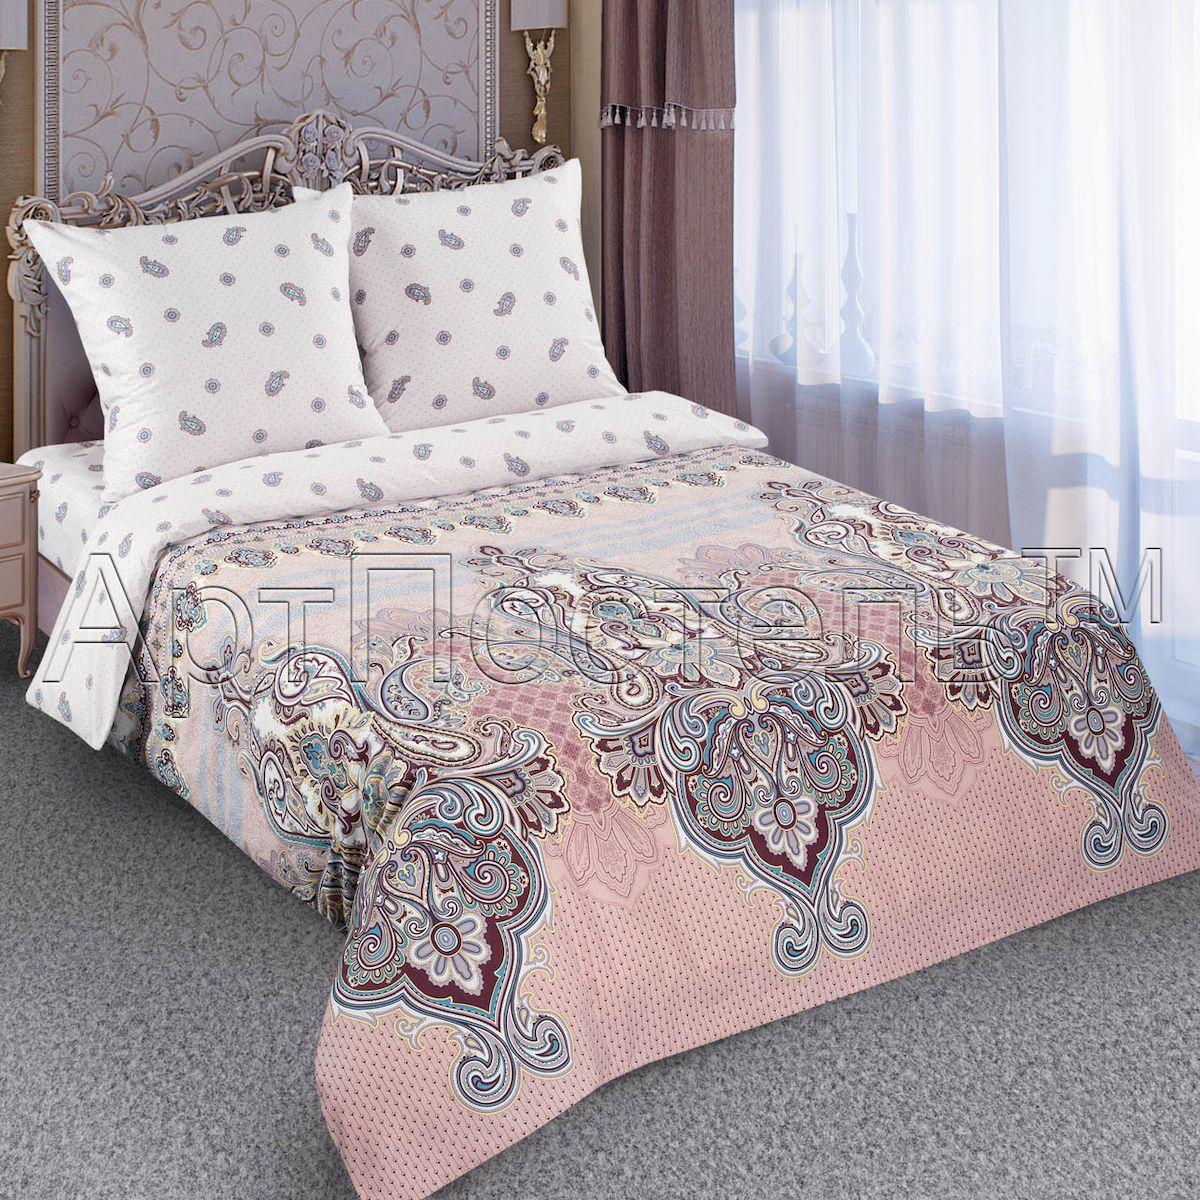 Комплект белья АртПостель Маркиз, 2-спальный, наволочки 70x70904Комплект постельного белья АртПостель Маркиз выполнен из поплина высочайшего качества. Комплект состоит из пододеяльника, простыни и двух наволочек. Постельное белье с ярким дизайном имеет изысканный внешний вид. Благодаря такому комплекту постельного белья вы сможете создать атмосферу роскоши и романтики в вашей спальне.